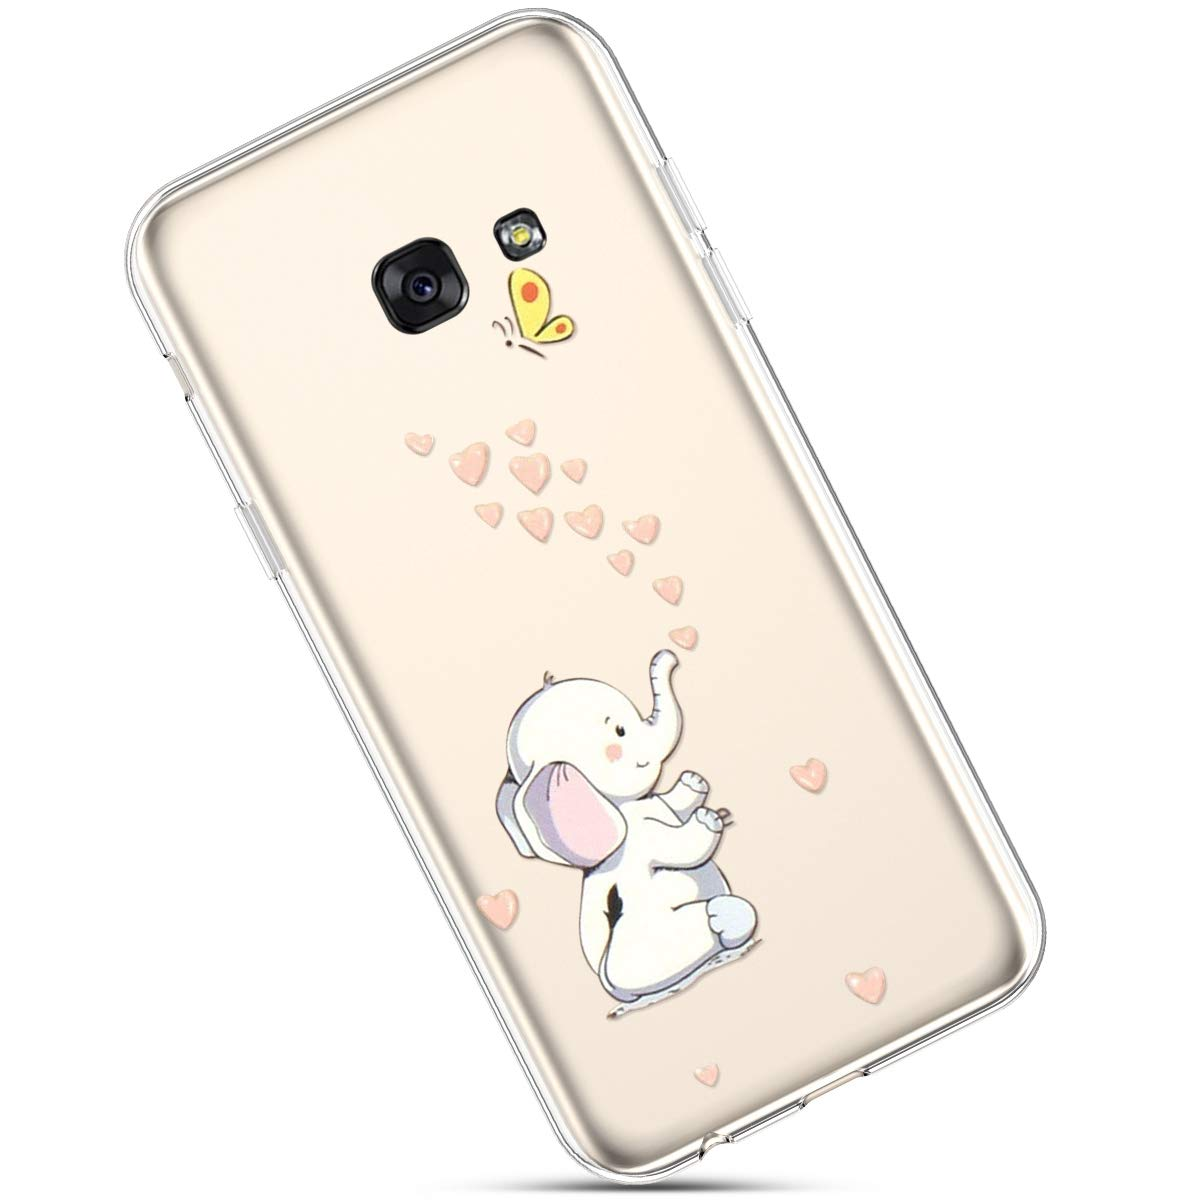 Felfy Custodia Compatibile con Samsung Galaxy A5 2017,Cover Galaxy A5 2017 Silicone Morbido,Galaxy A5 2017 Cover Trasparente con Disegni,Moda Dipinto Modello Design Ultra Sottile TPU Case.Fiore